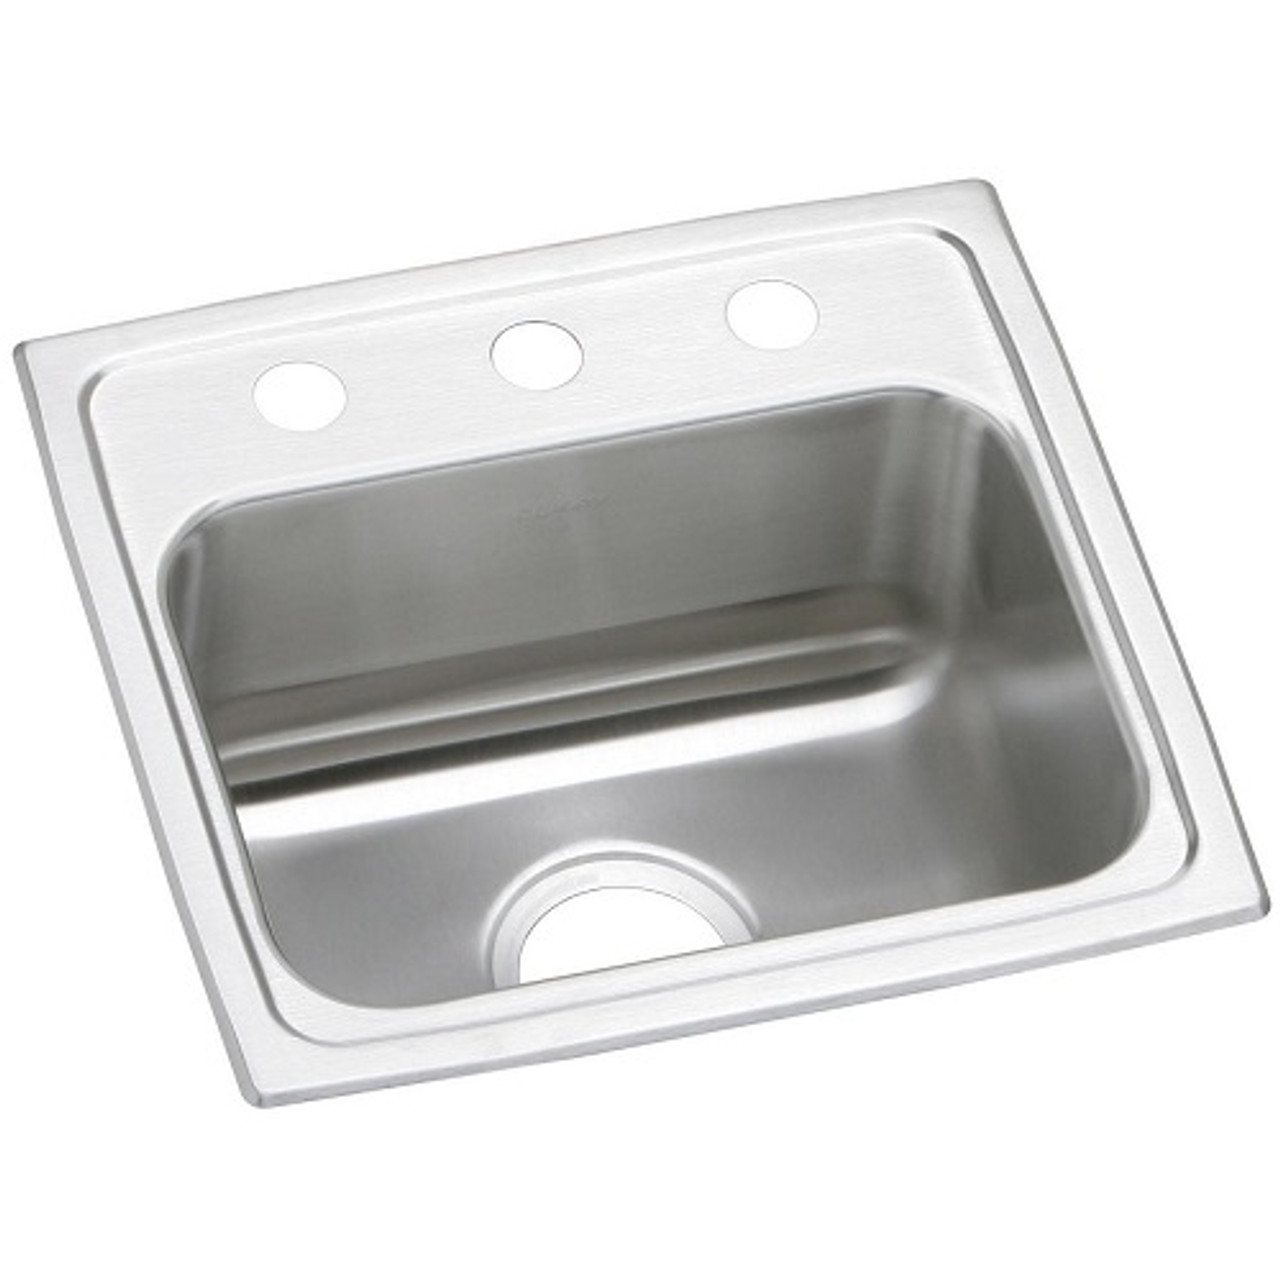 elkay psr1716 celebrity stainless steel 17 x 16 x 7 1 8 single bowl drop in sink